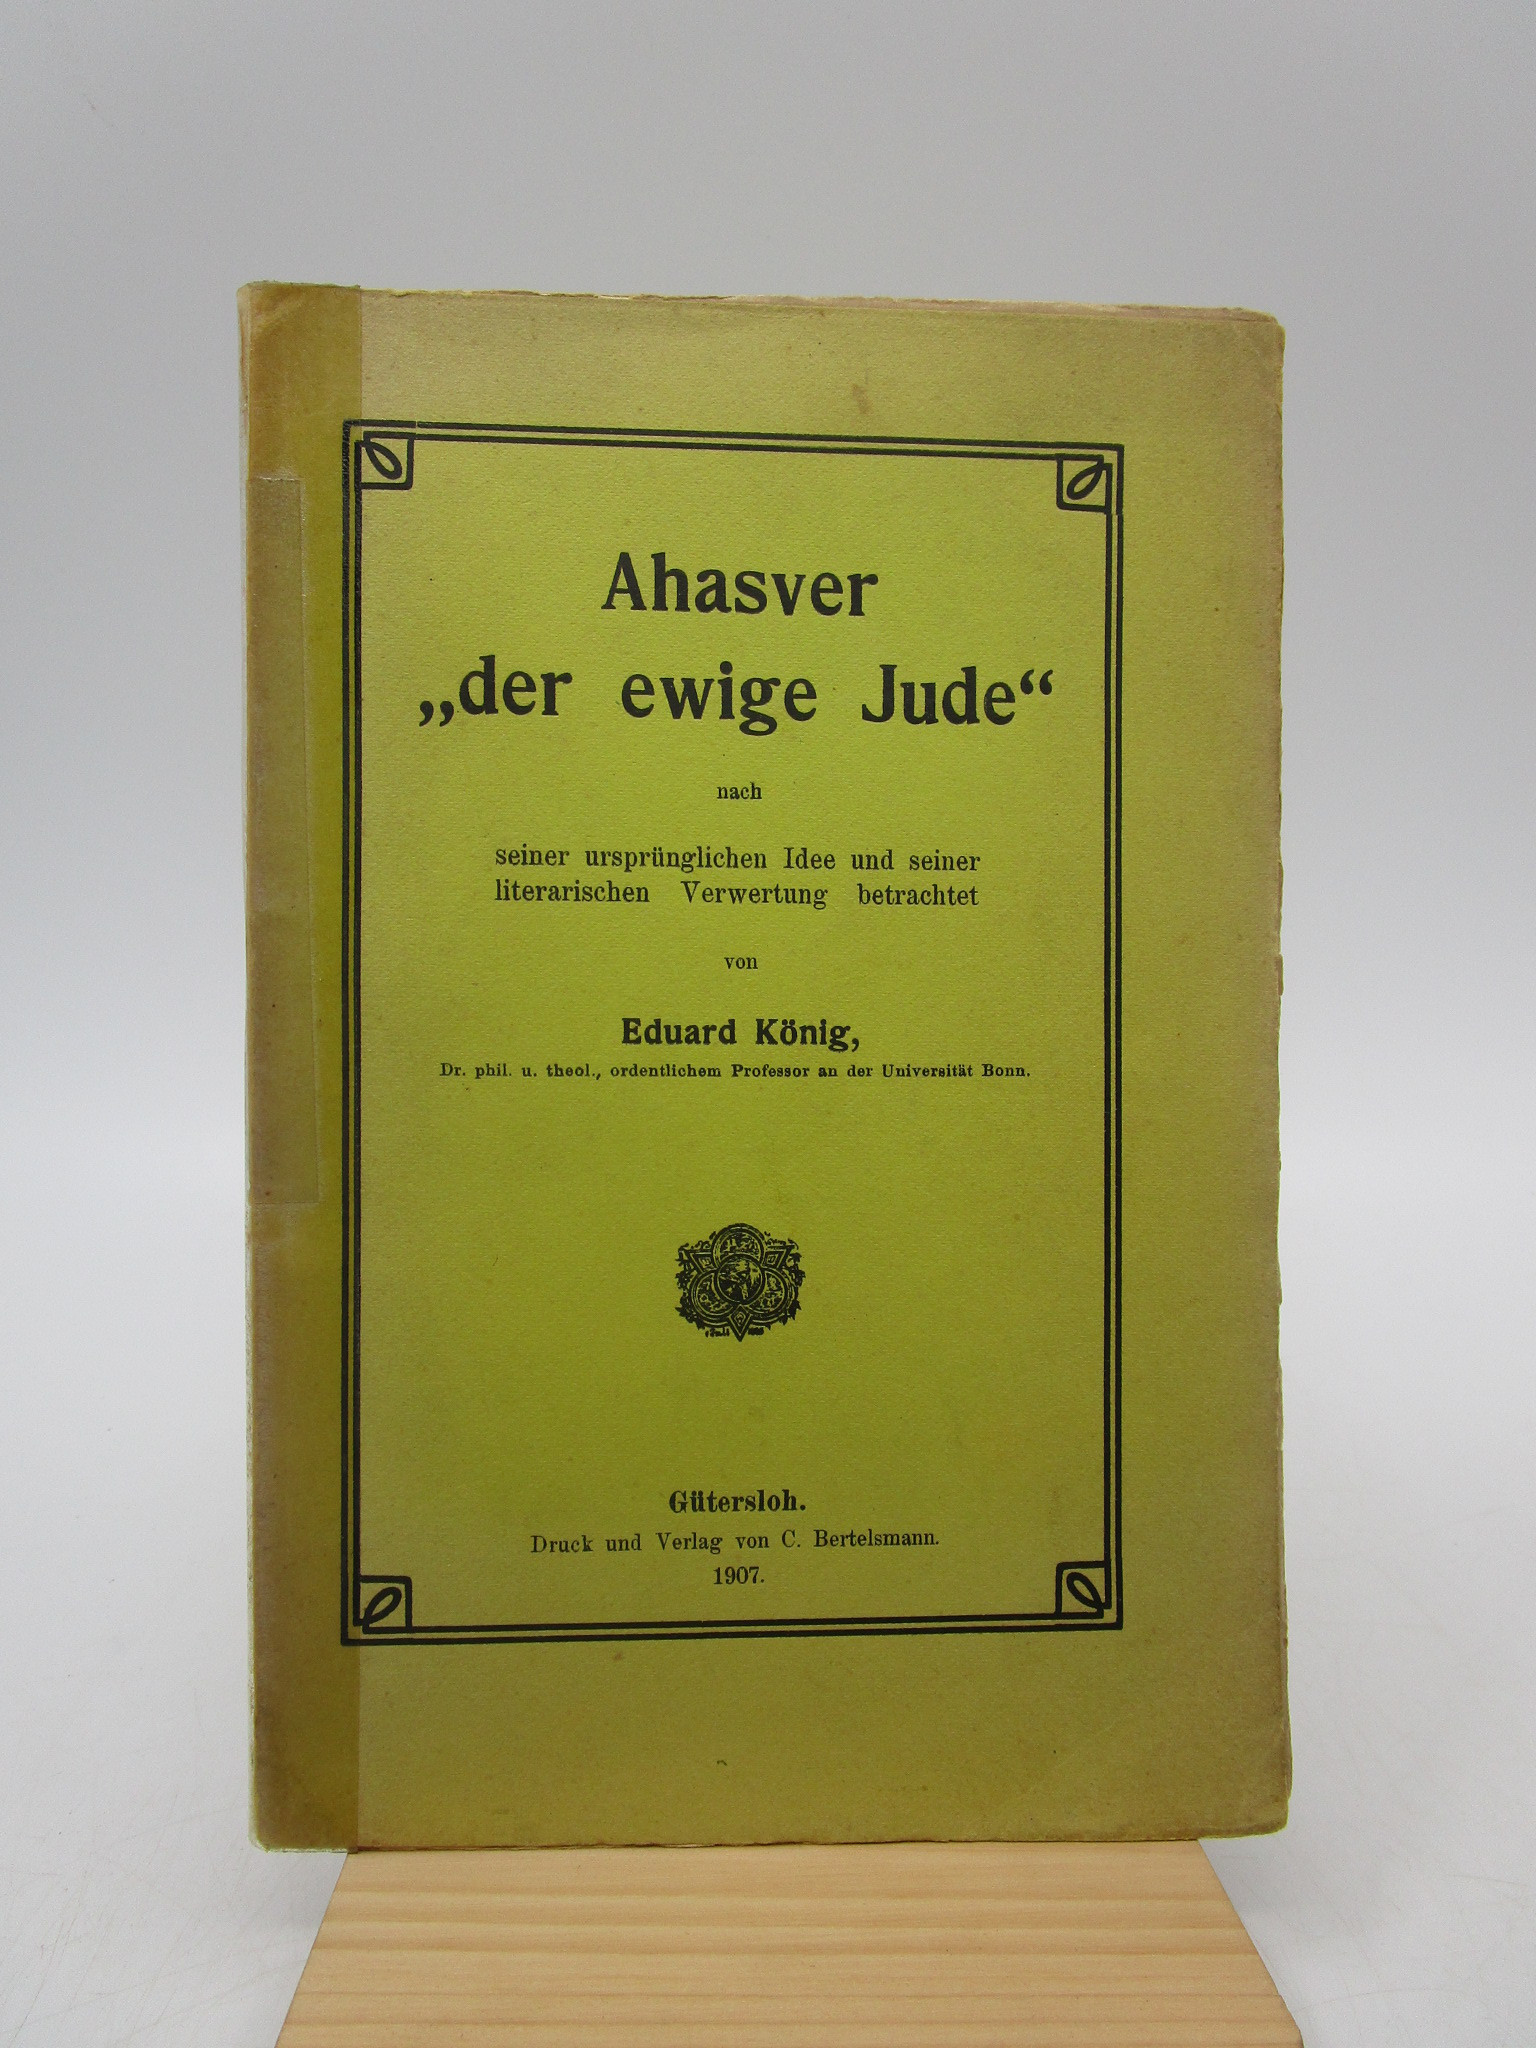 """Image for Ahasver """"der ewige Jude,"""" nach seiner ursprunglichen Idee und seiner literarischen Verwertung betrachtet"""